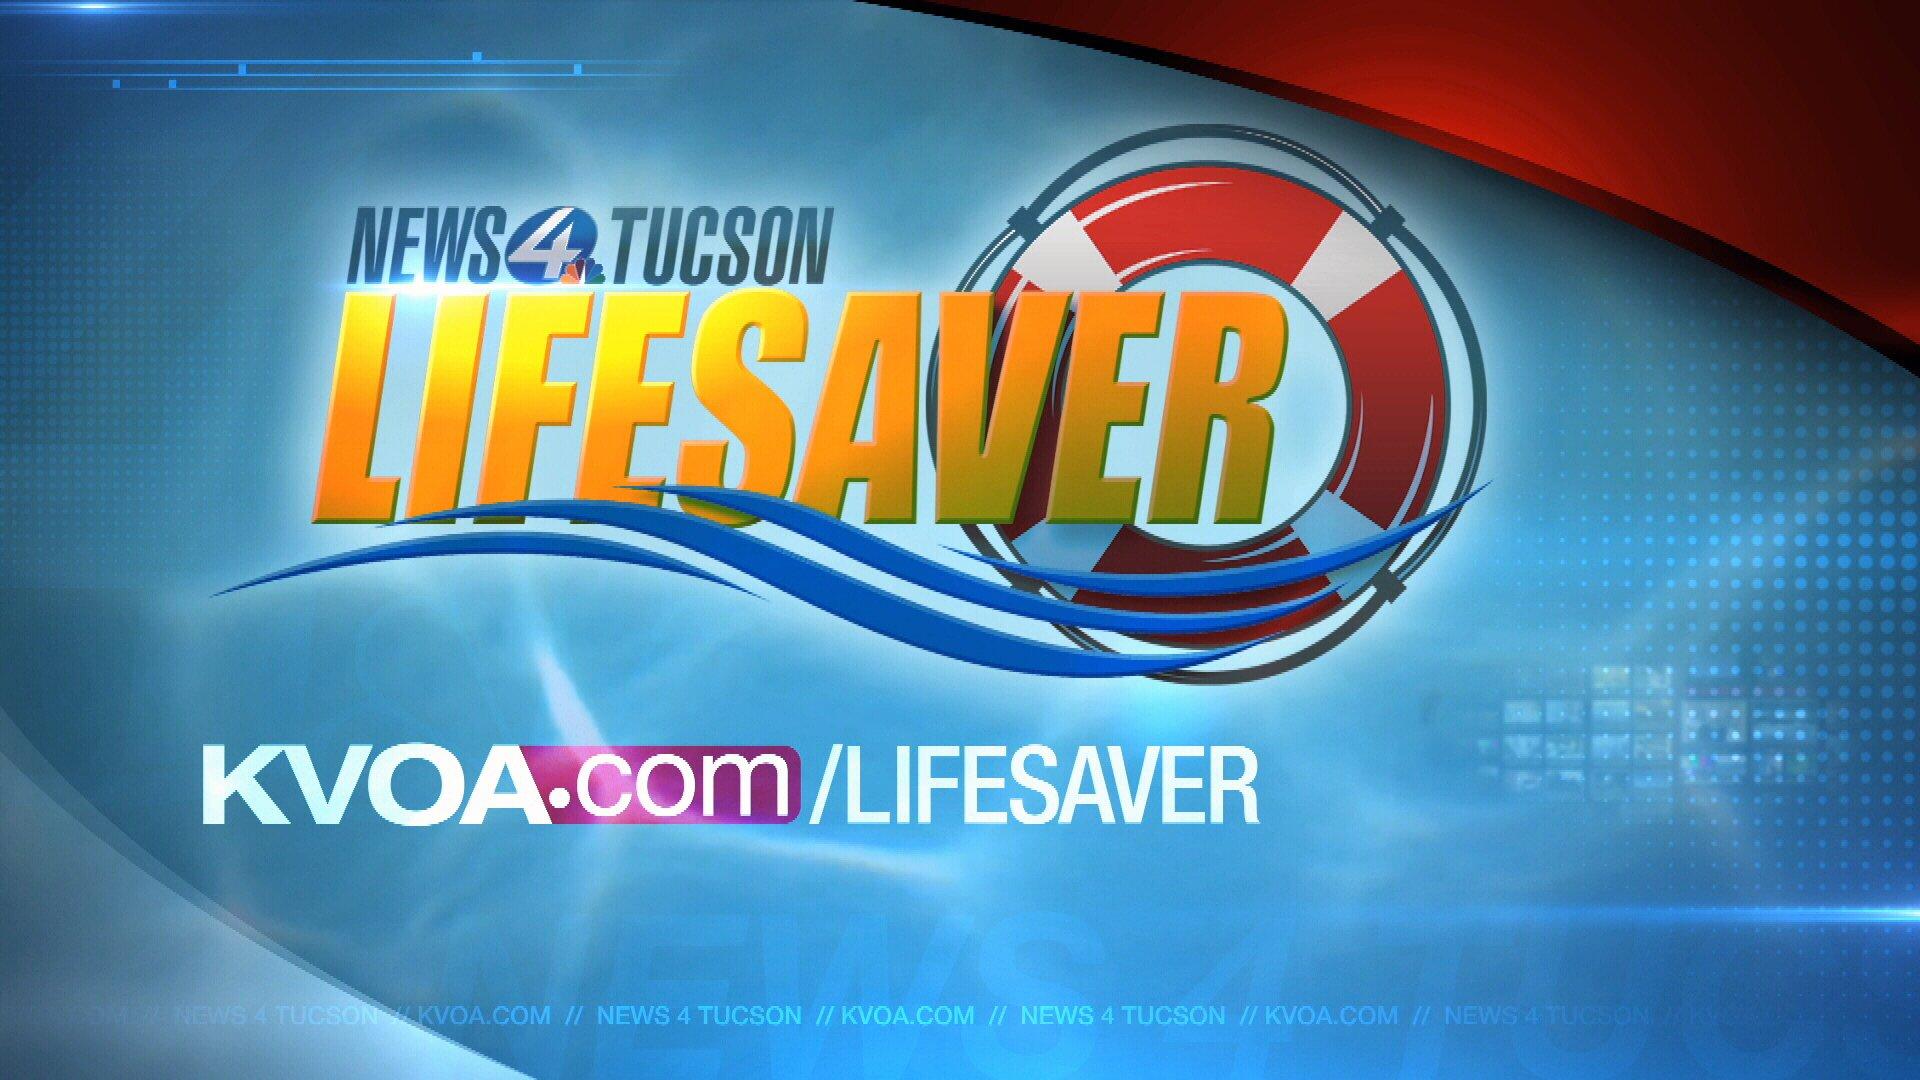 News 4 Tucson >> Kvoa News 4 Tucson On Twitter Kids Are Headed Back To